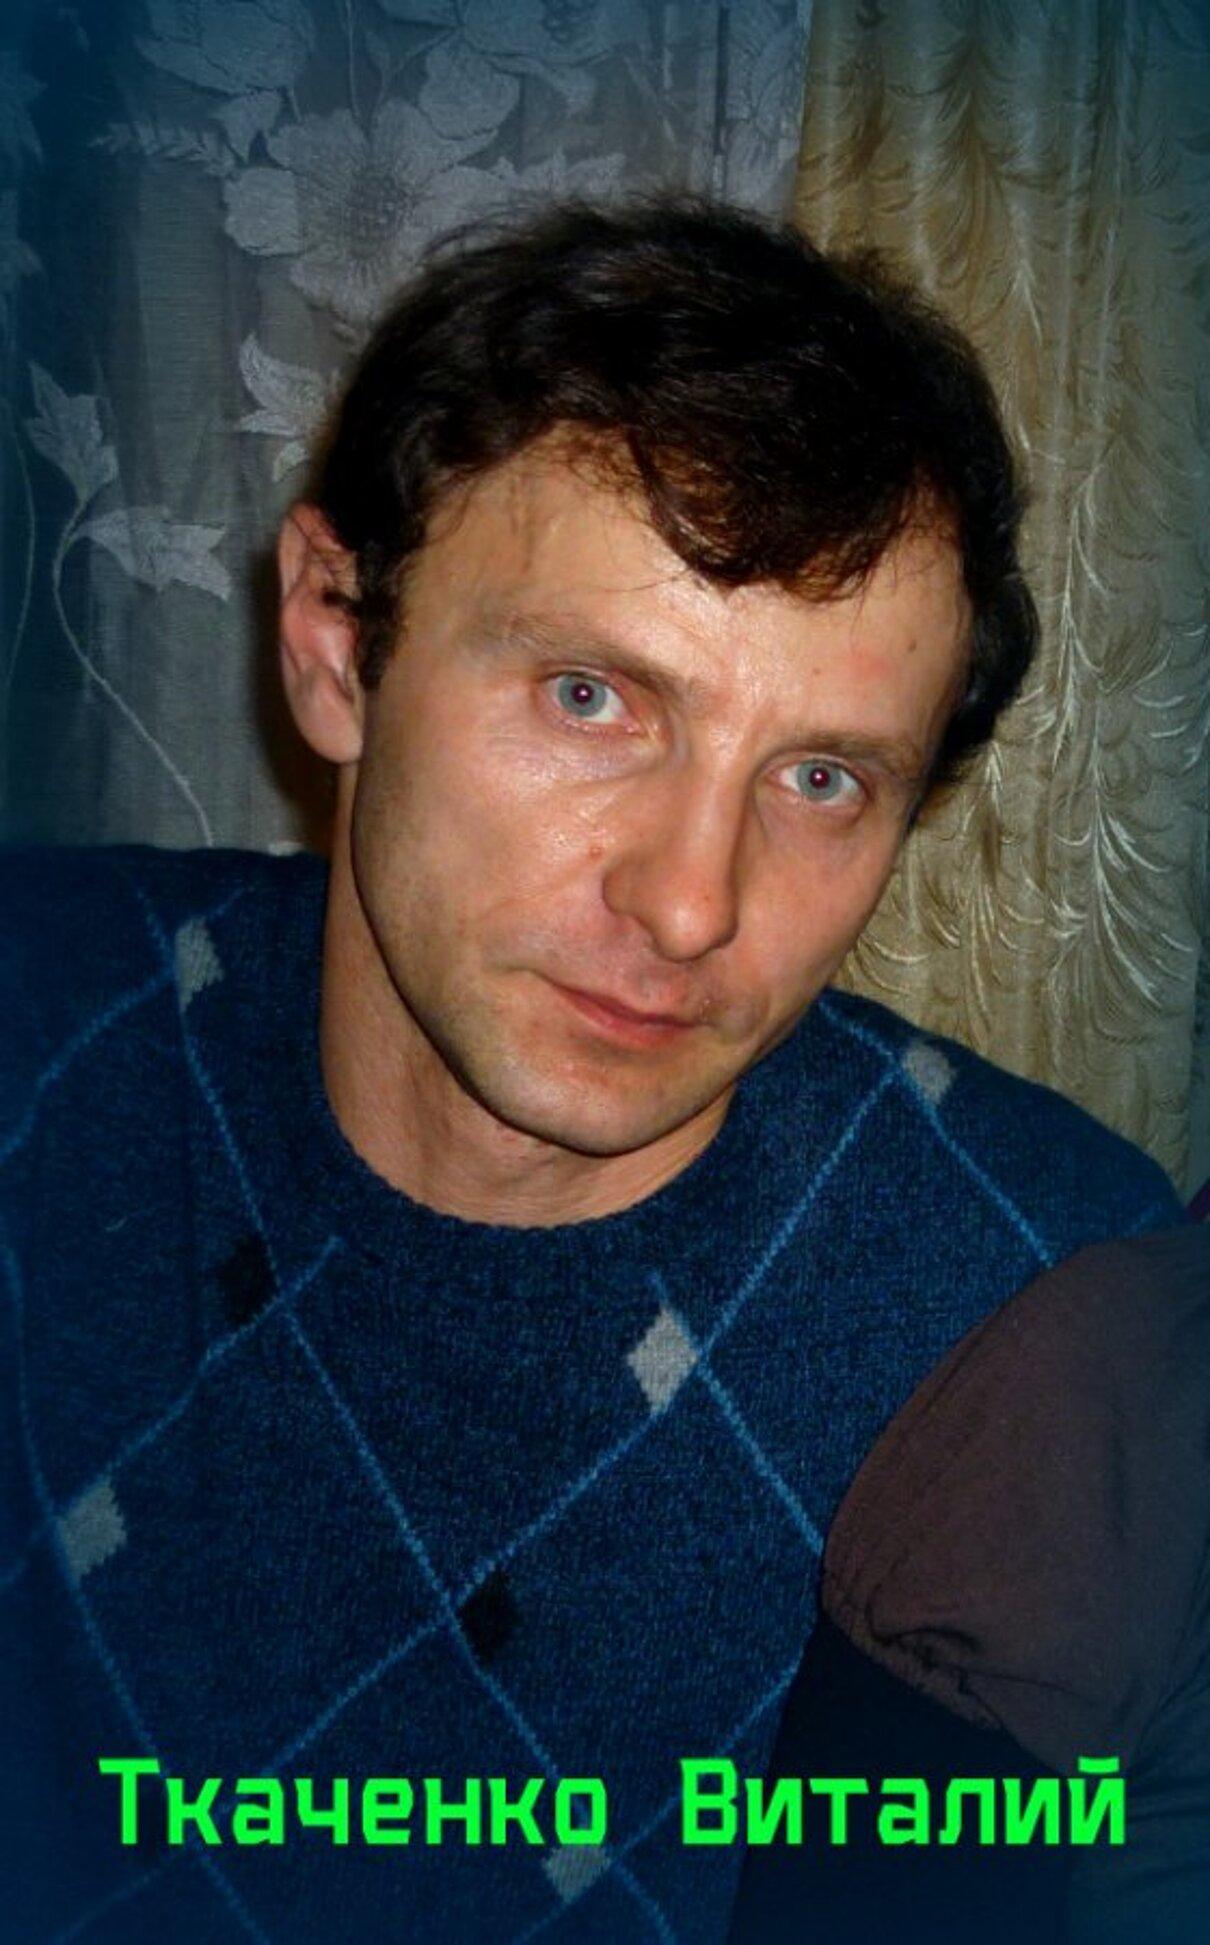 Жалоба-отзыв: Ткаченко Виталий - Альфонс и мошенник.  Фото №1